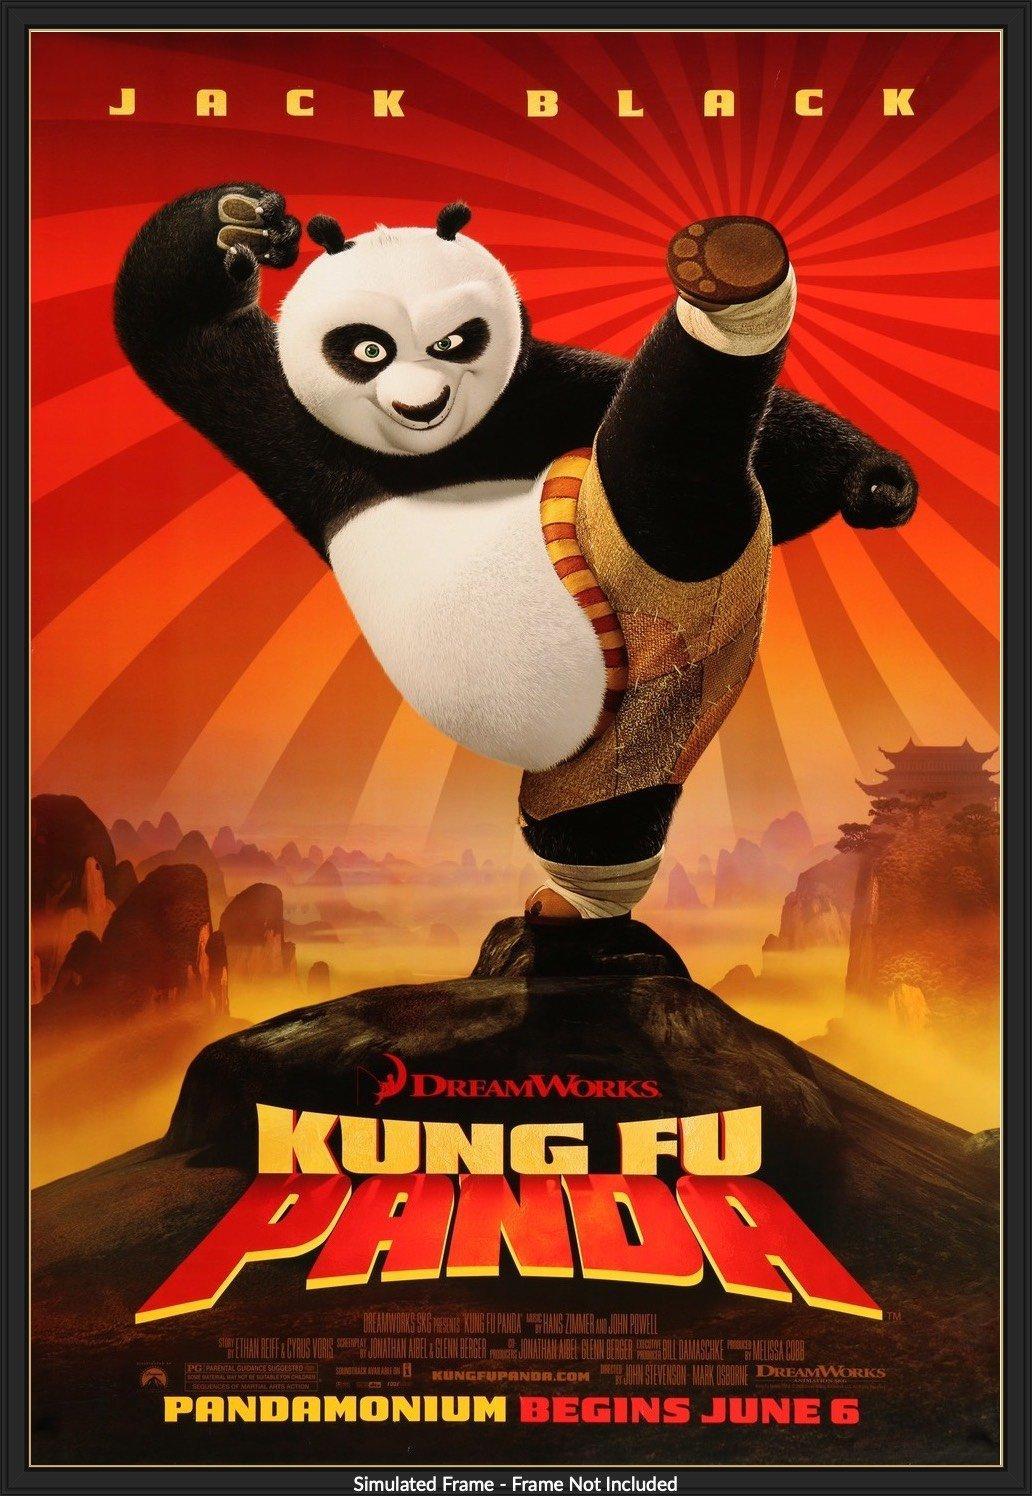 4. Kung Fu Panda